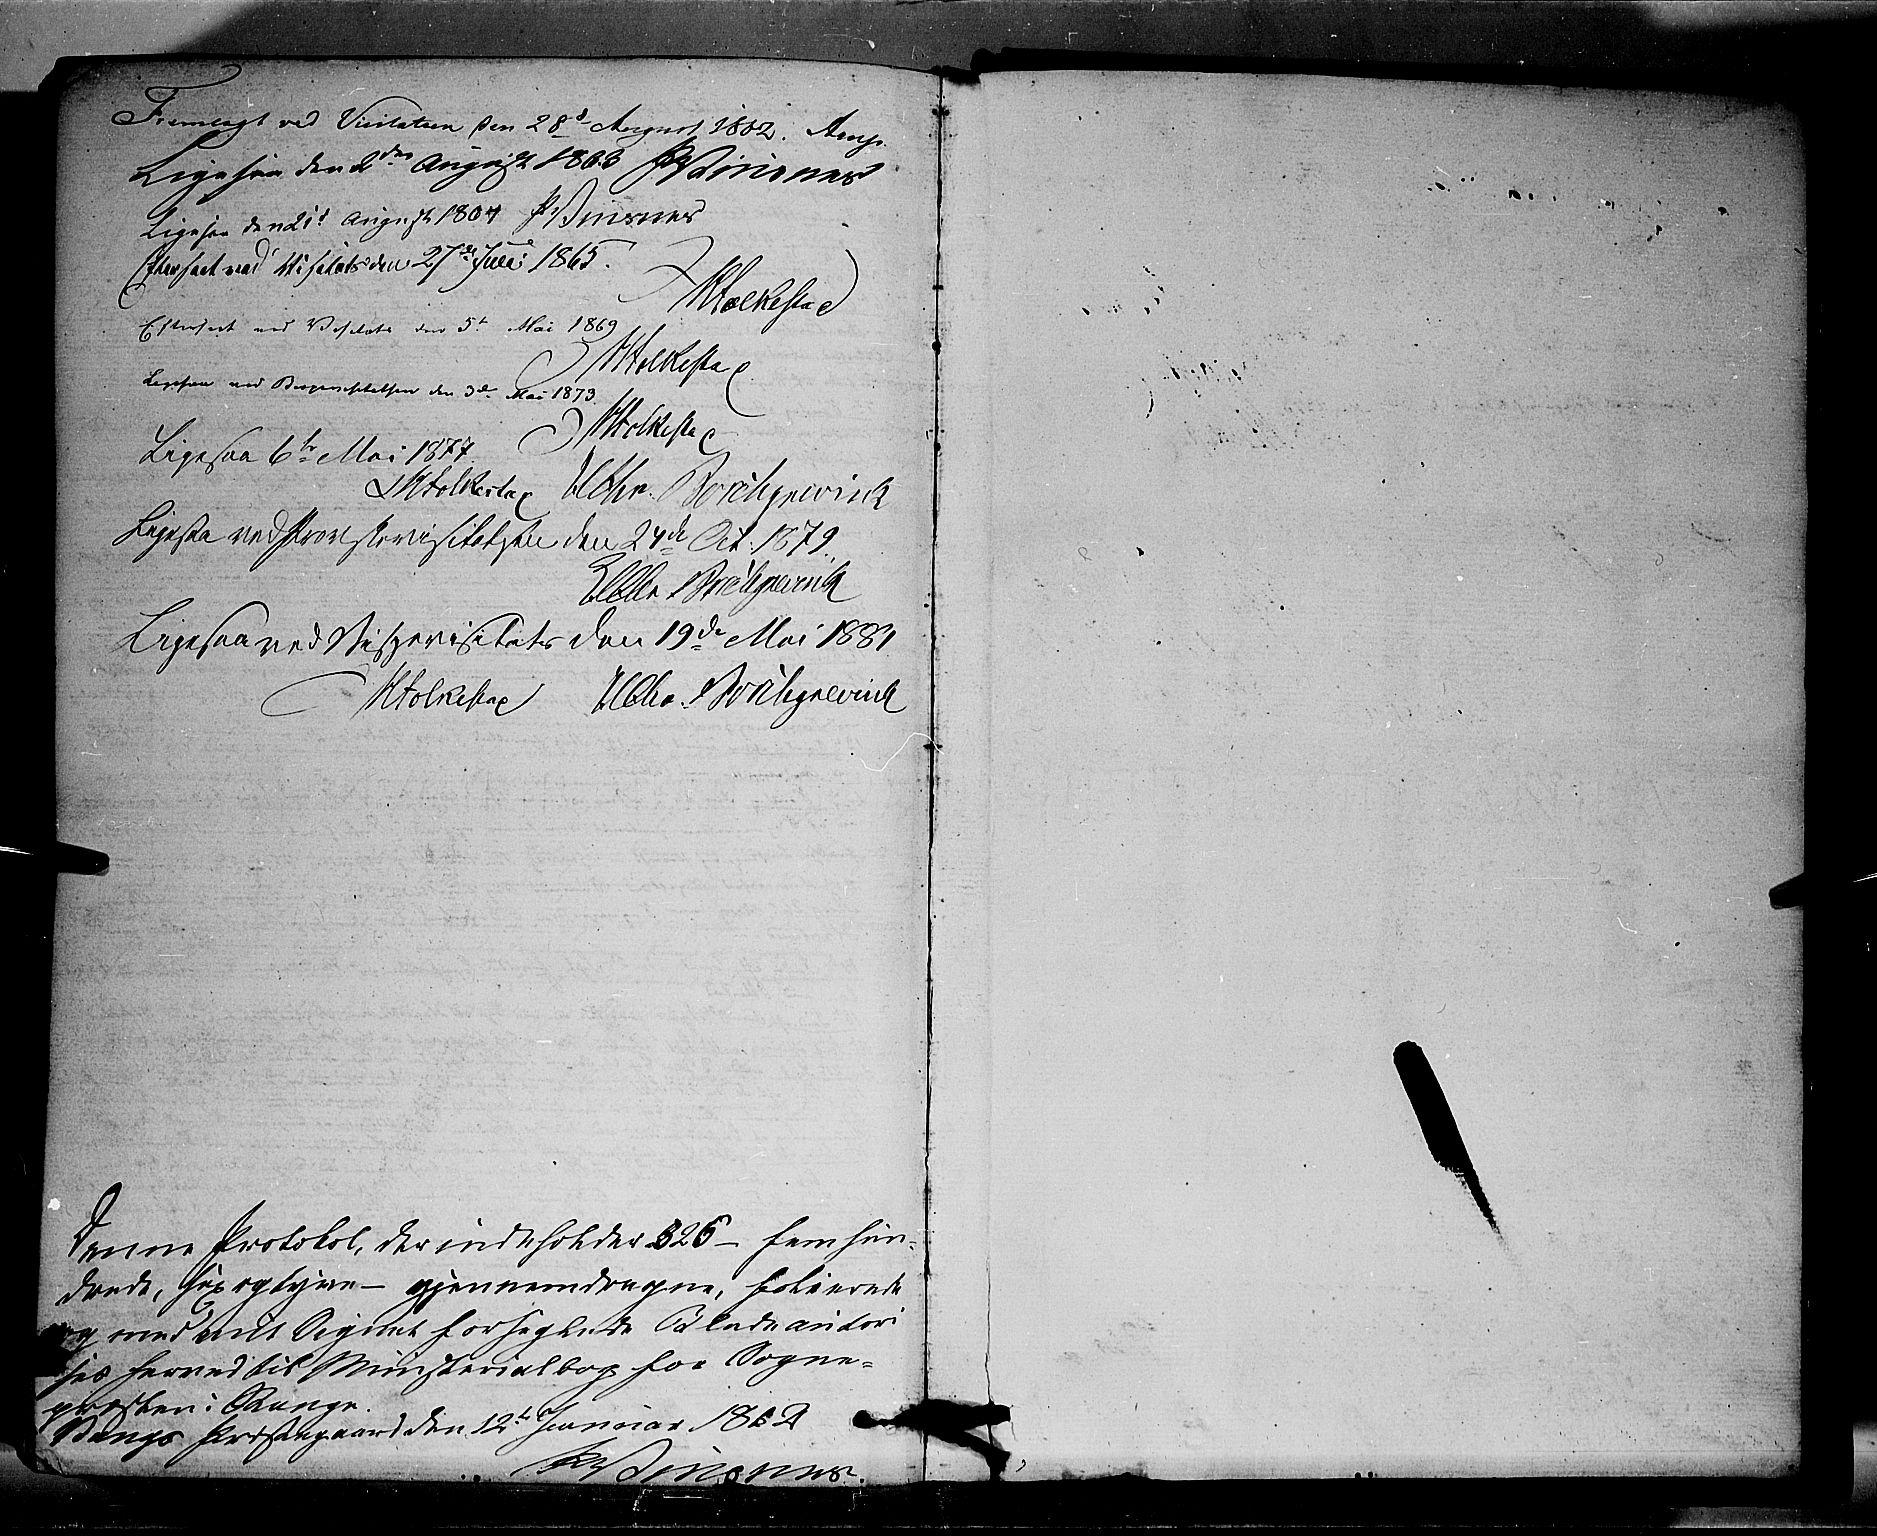 SAH, Stange prestekontor, K/L0013: Parish register (official) no. 13, 1862-1879